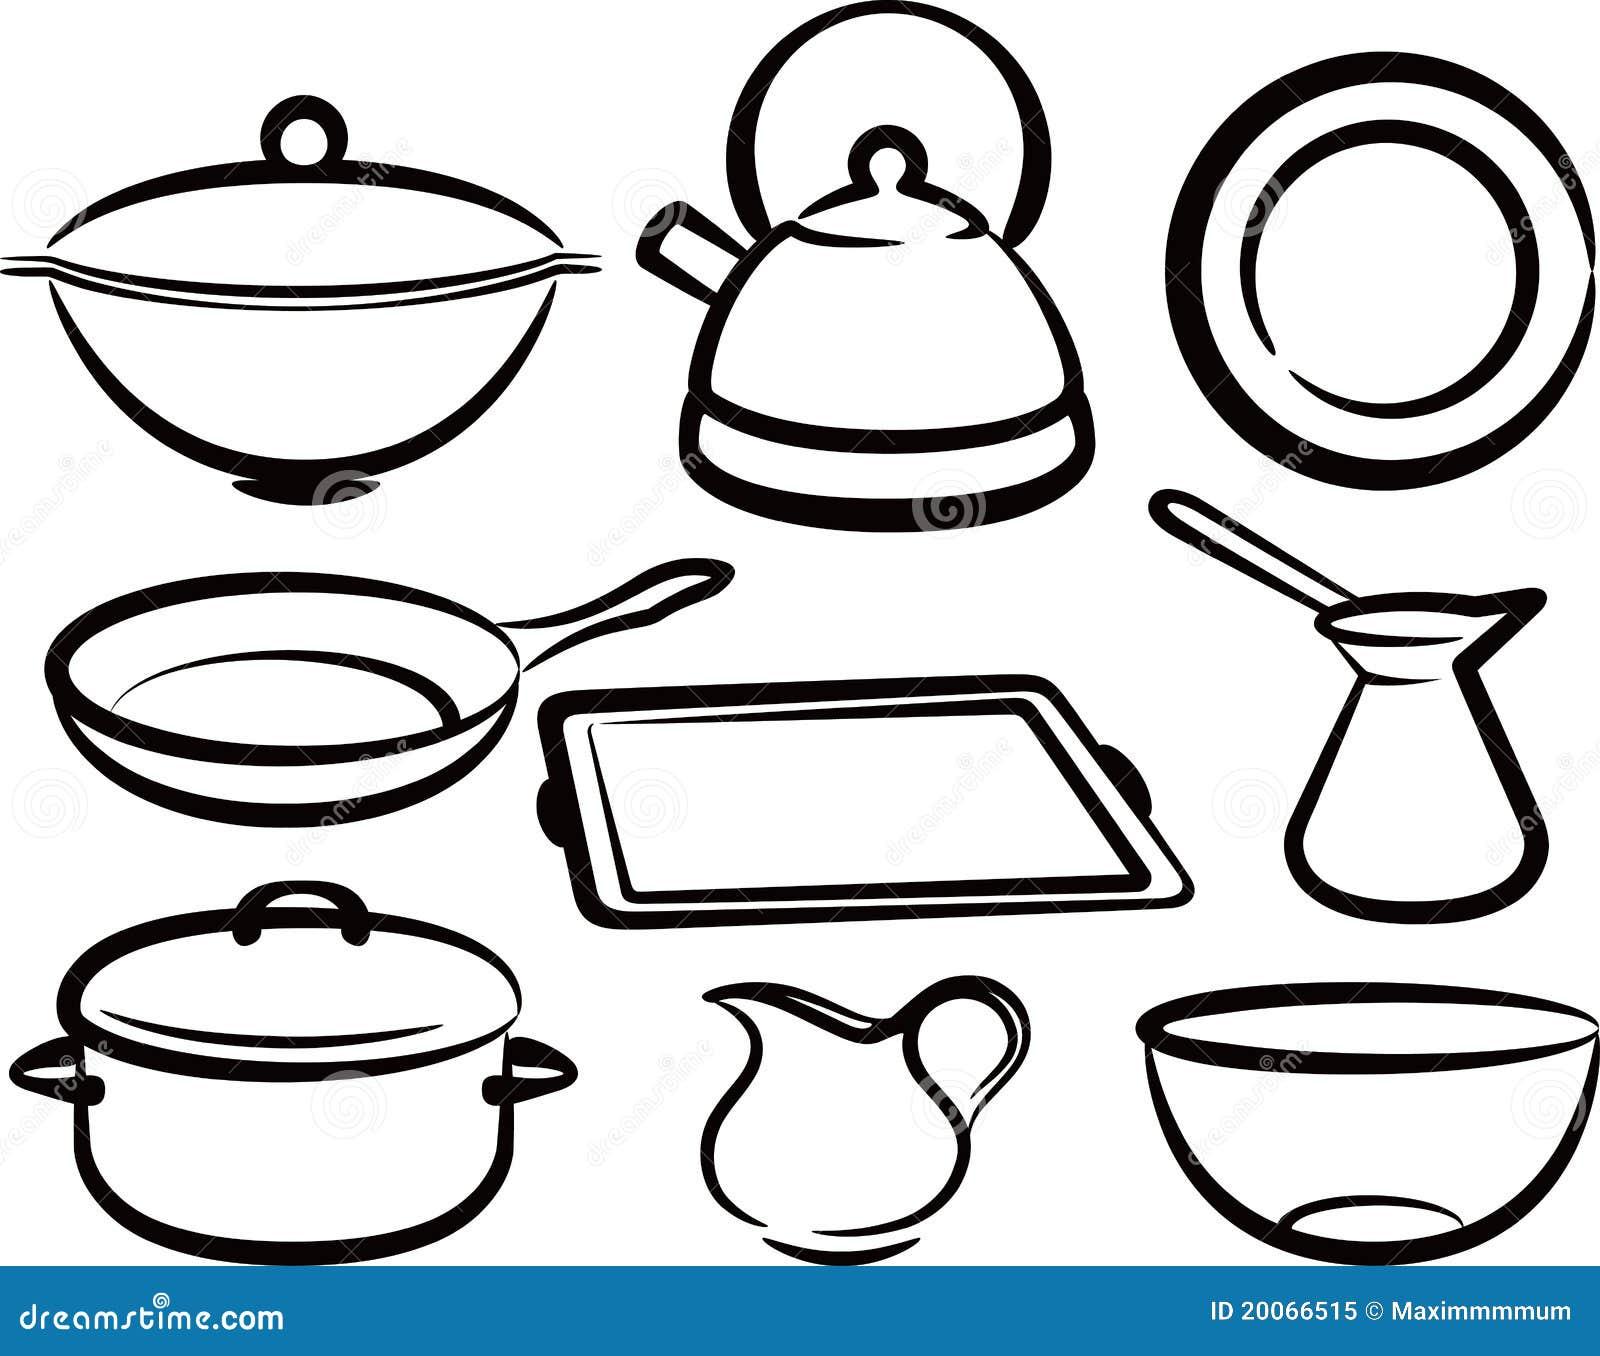 Insieme Dell'utensile Della Cucina Fotografia Stock Libera Da Diritti  #85A625 1300 1119 Semplice Design Della Cucina